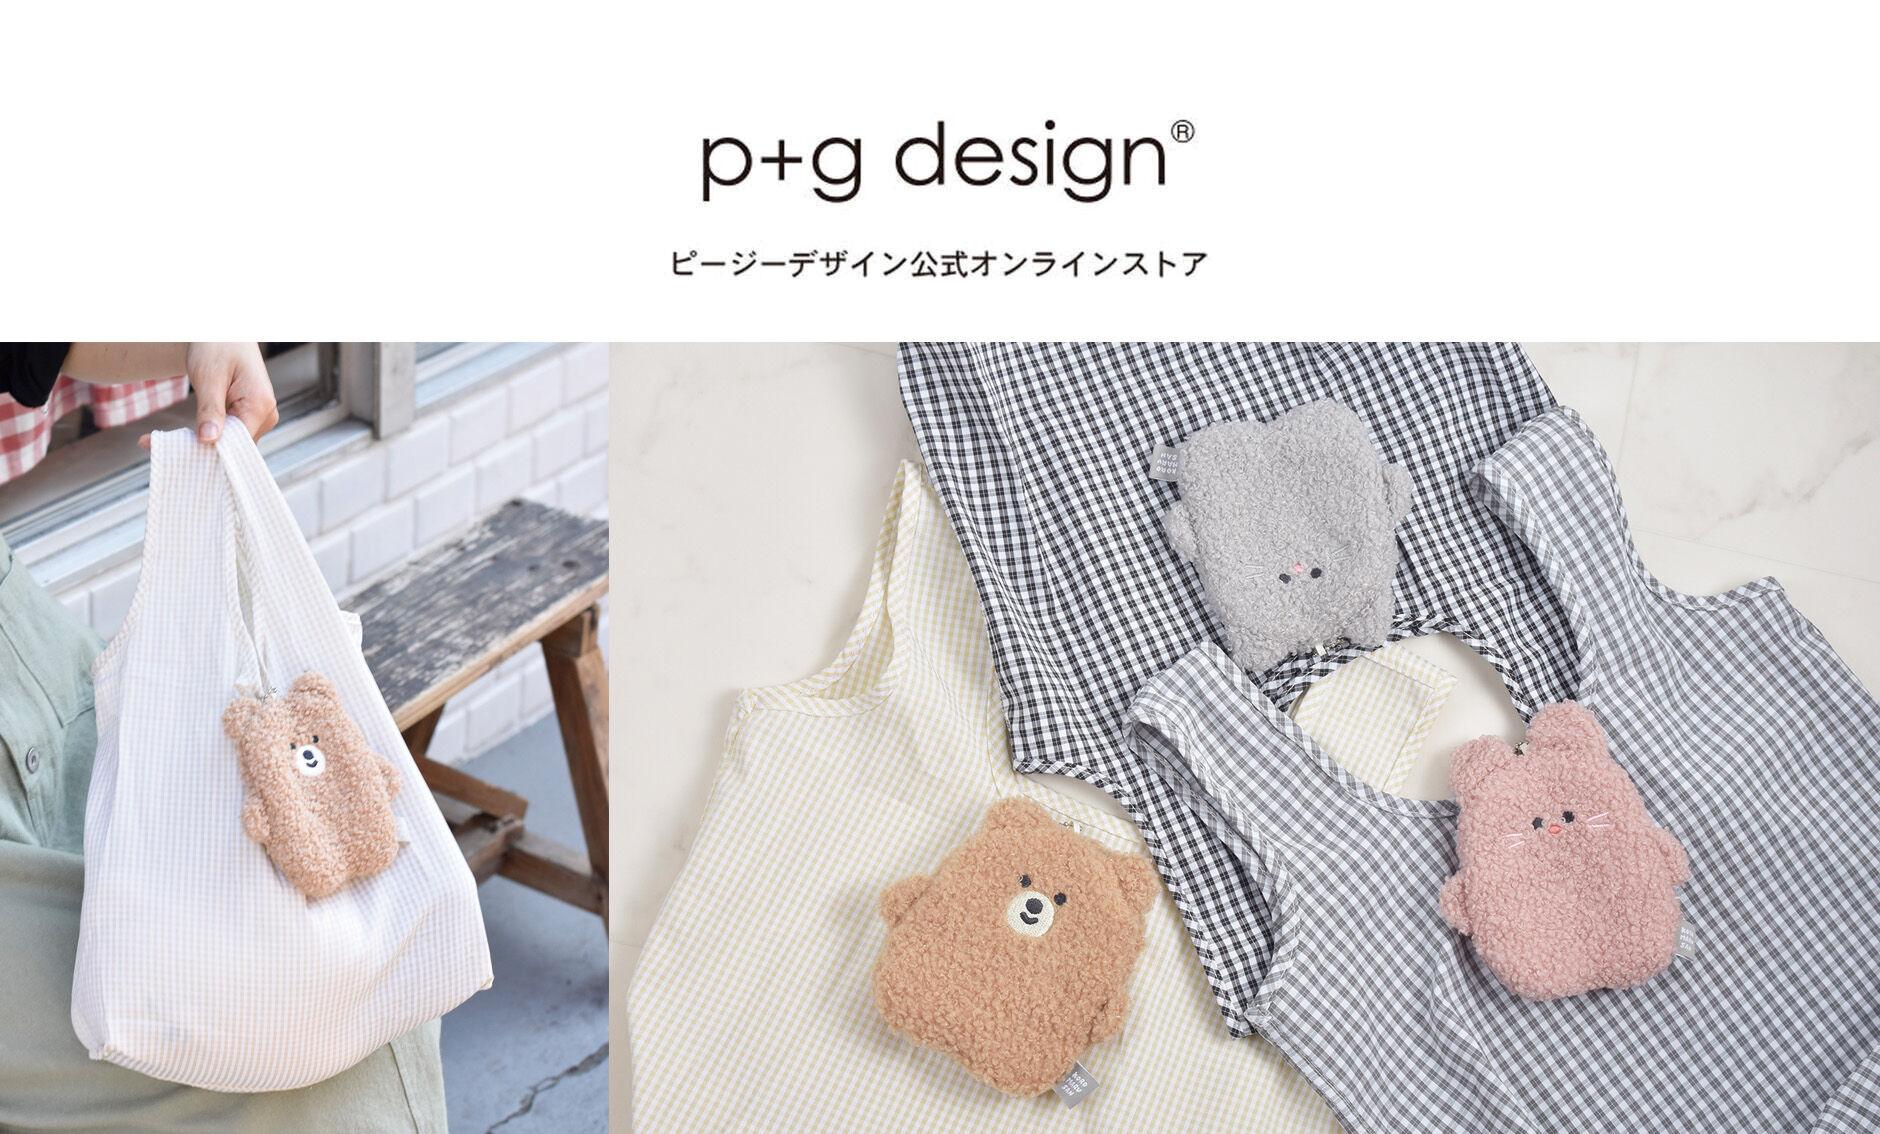 ピージーデザイン 公式オンラインストア